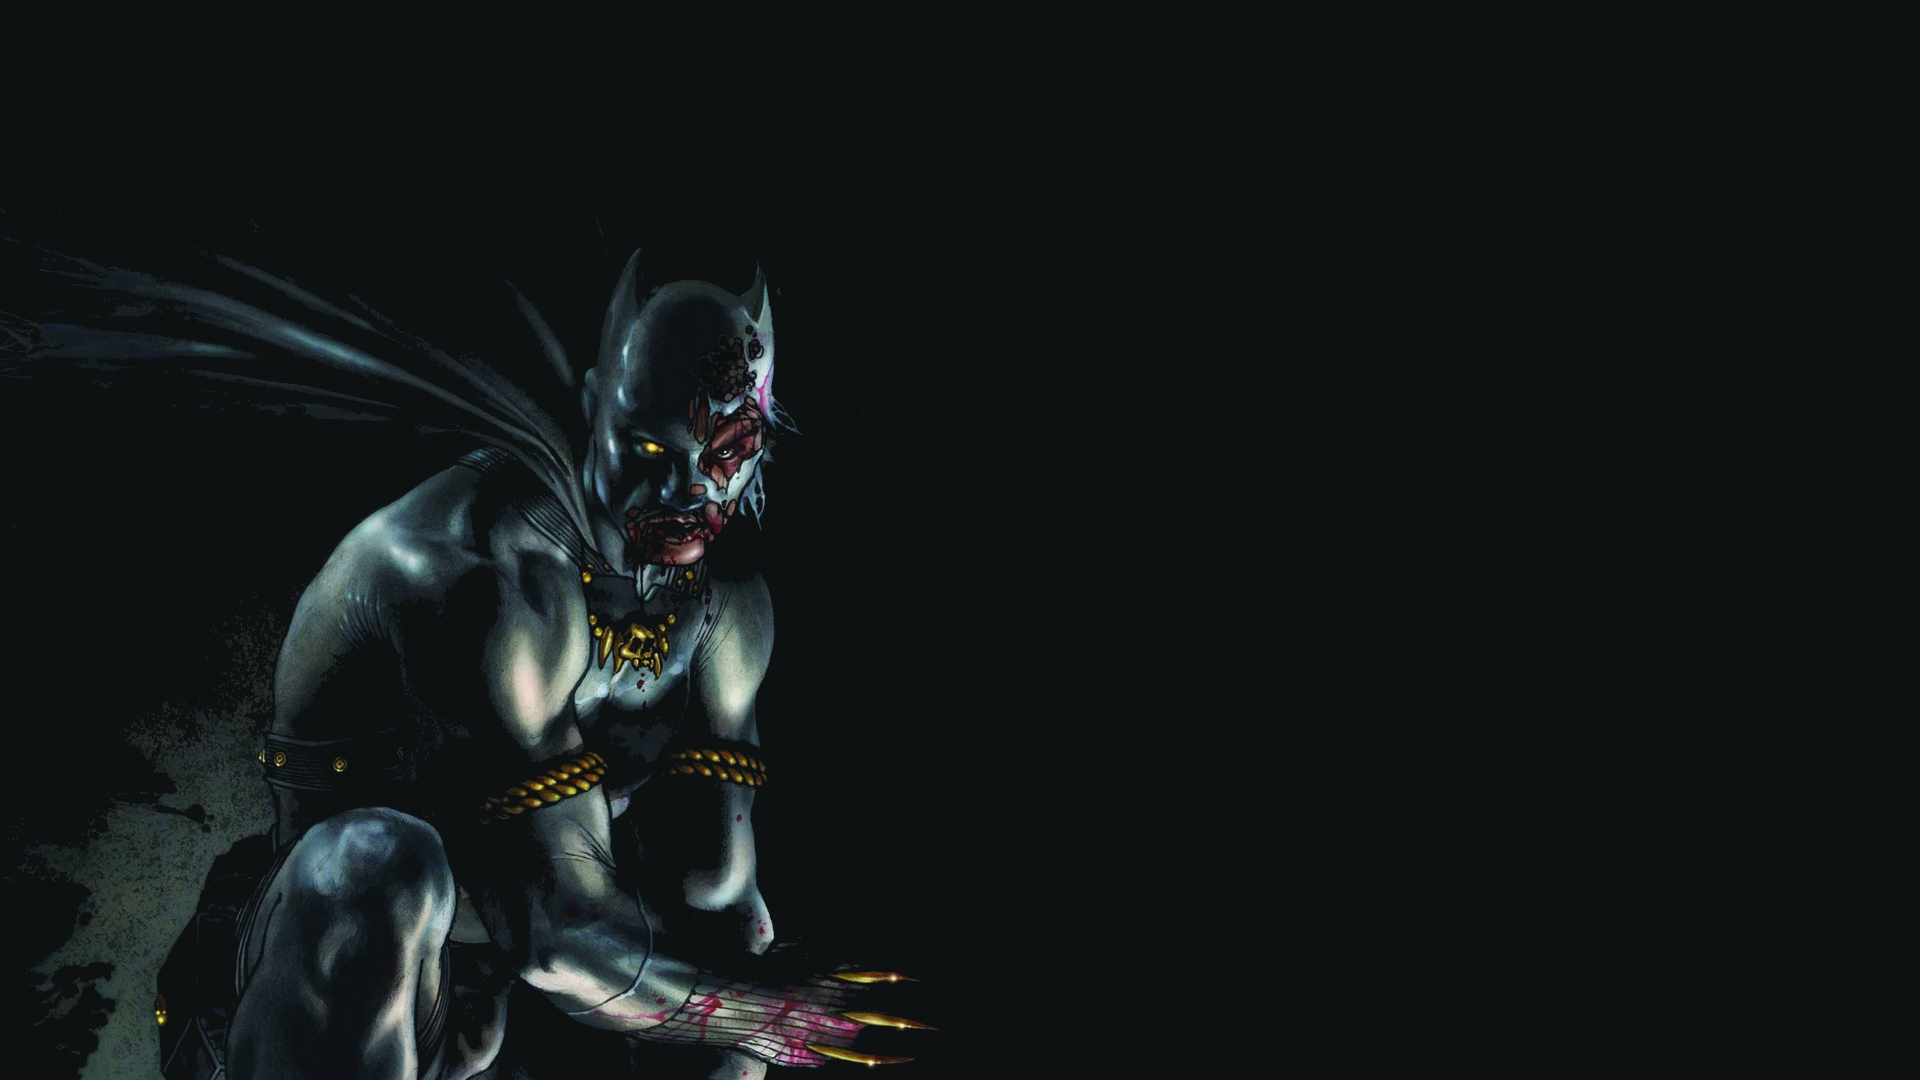 Black Panther Wallpaper Marvel: Black Panther HD Wallpaper